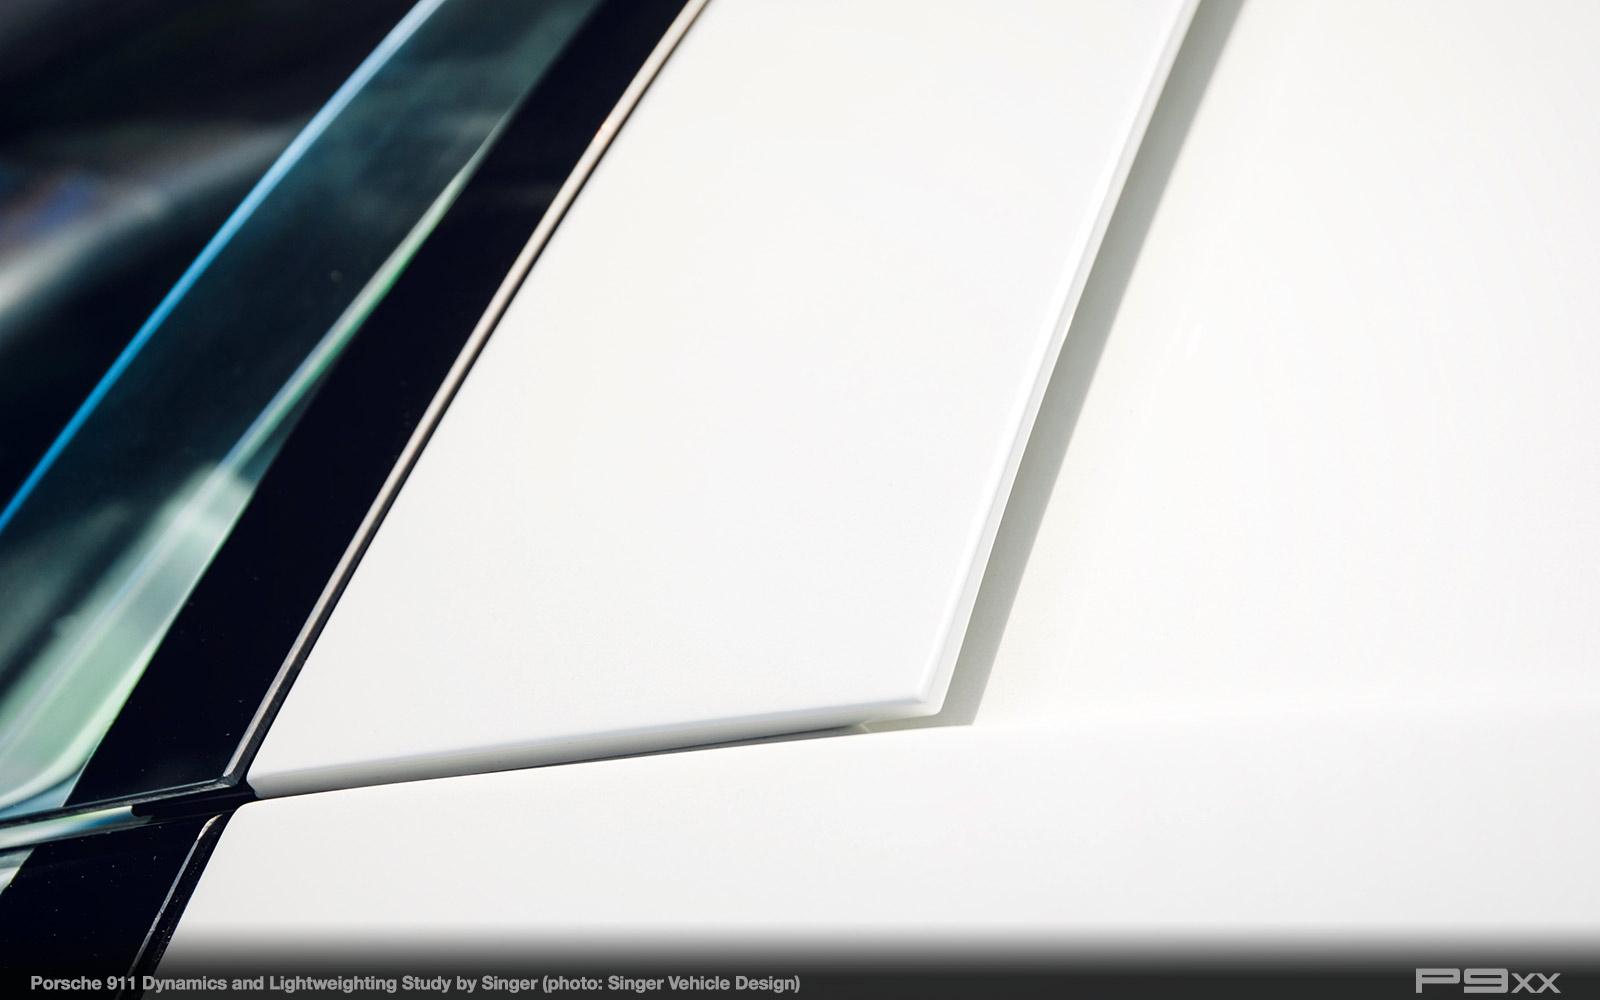 Singer-DLS-Porsche-911-302